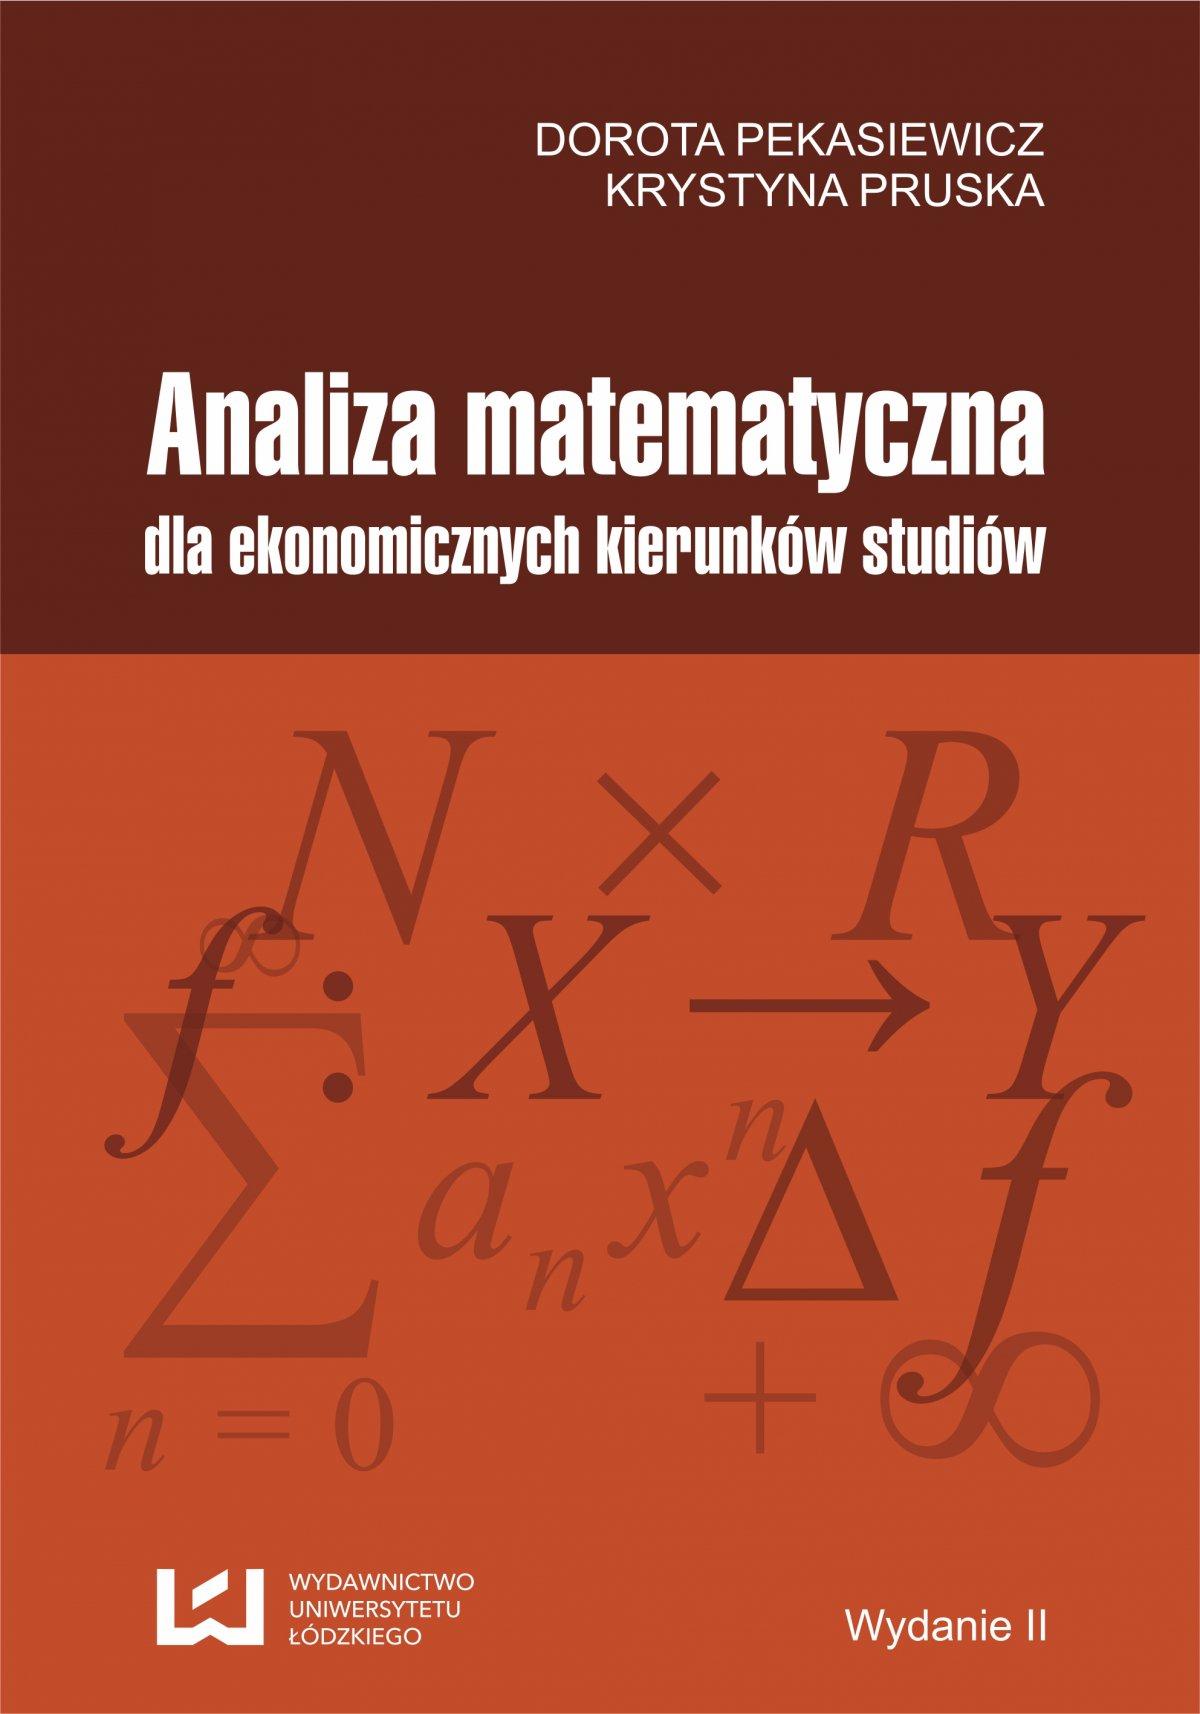 Analiza matematyczna dla ekonomicznych kierunków studiów - Ebook (Książka PDF) do pobrania w formacie PDF